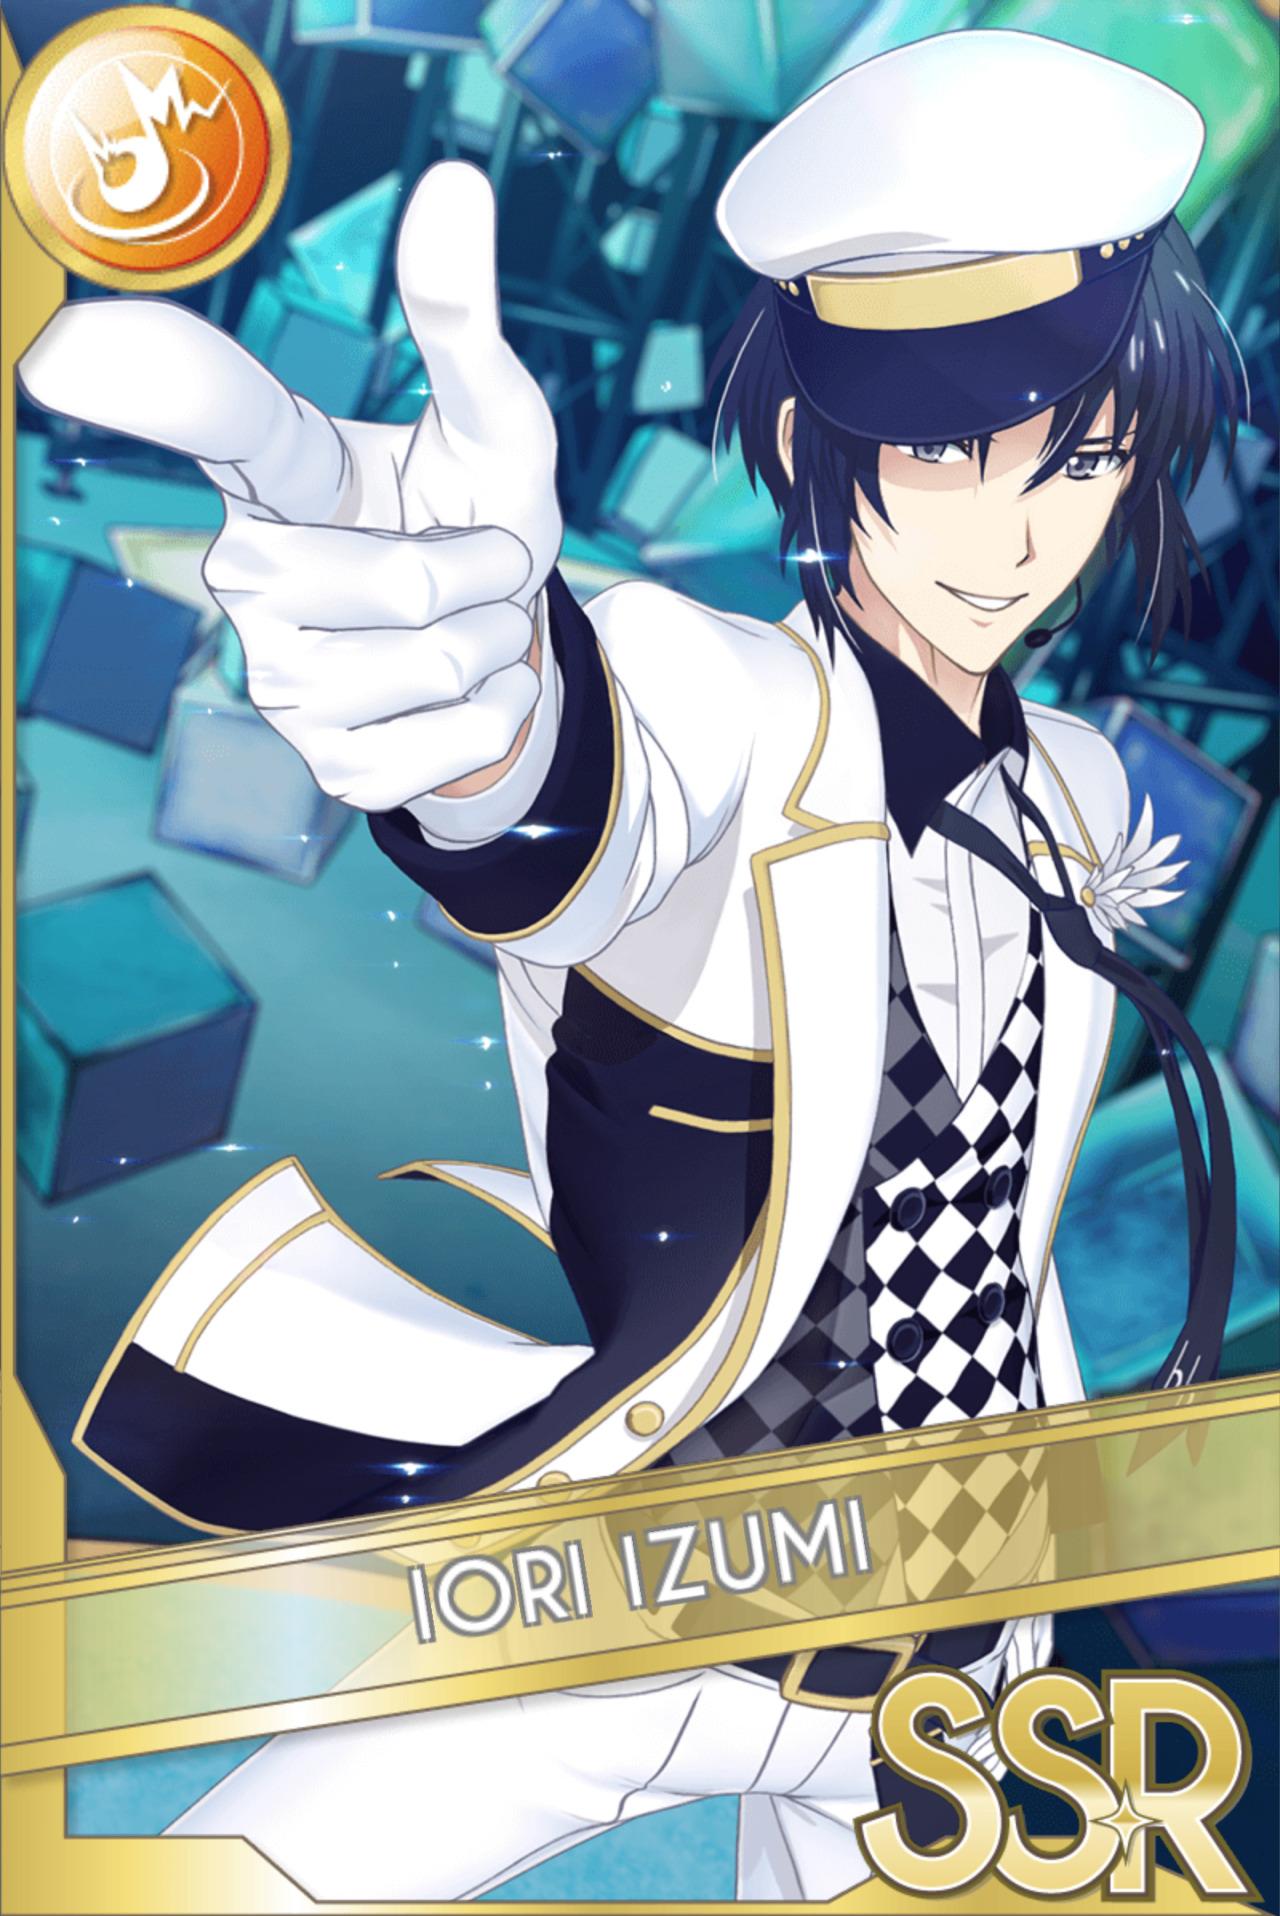 Iori Izumi (Respo)